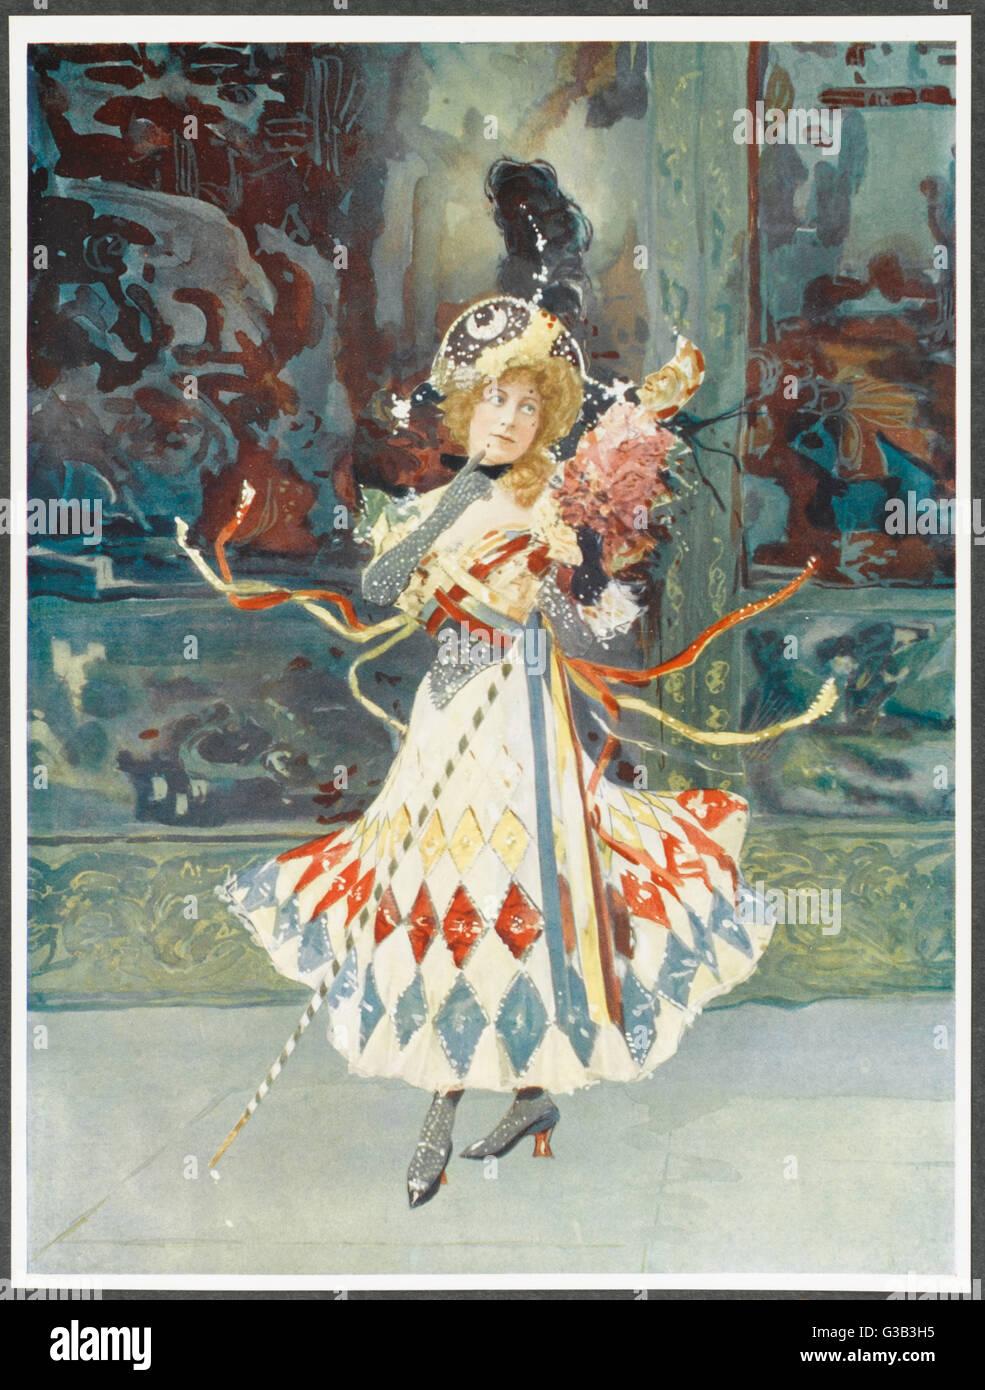 KATIE SEYMOUR attrice in 'Runaway Girl' Data: tardo XIX secolo Immagini Stock